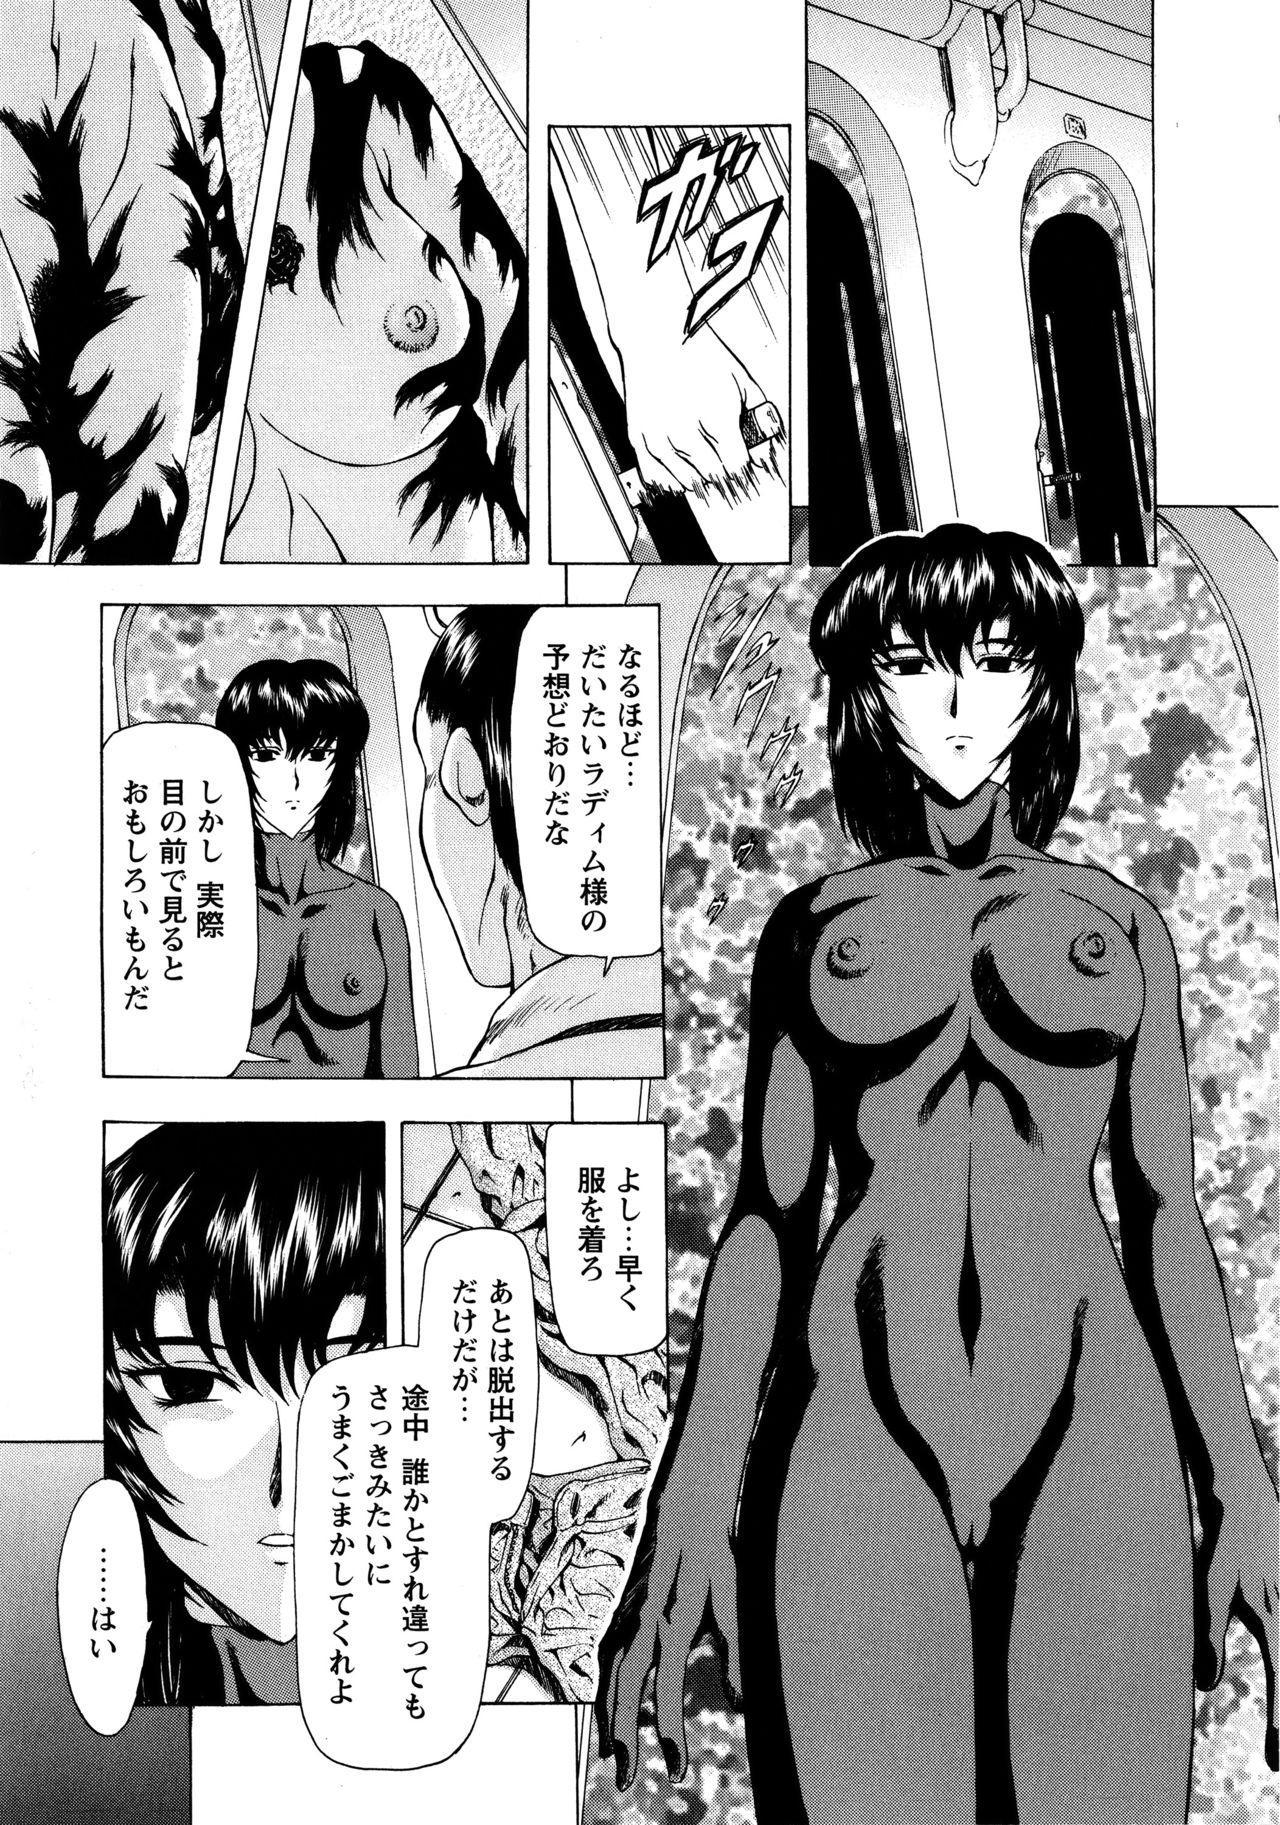 Ginryuu no Reimei Vol. 1 62